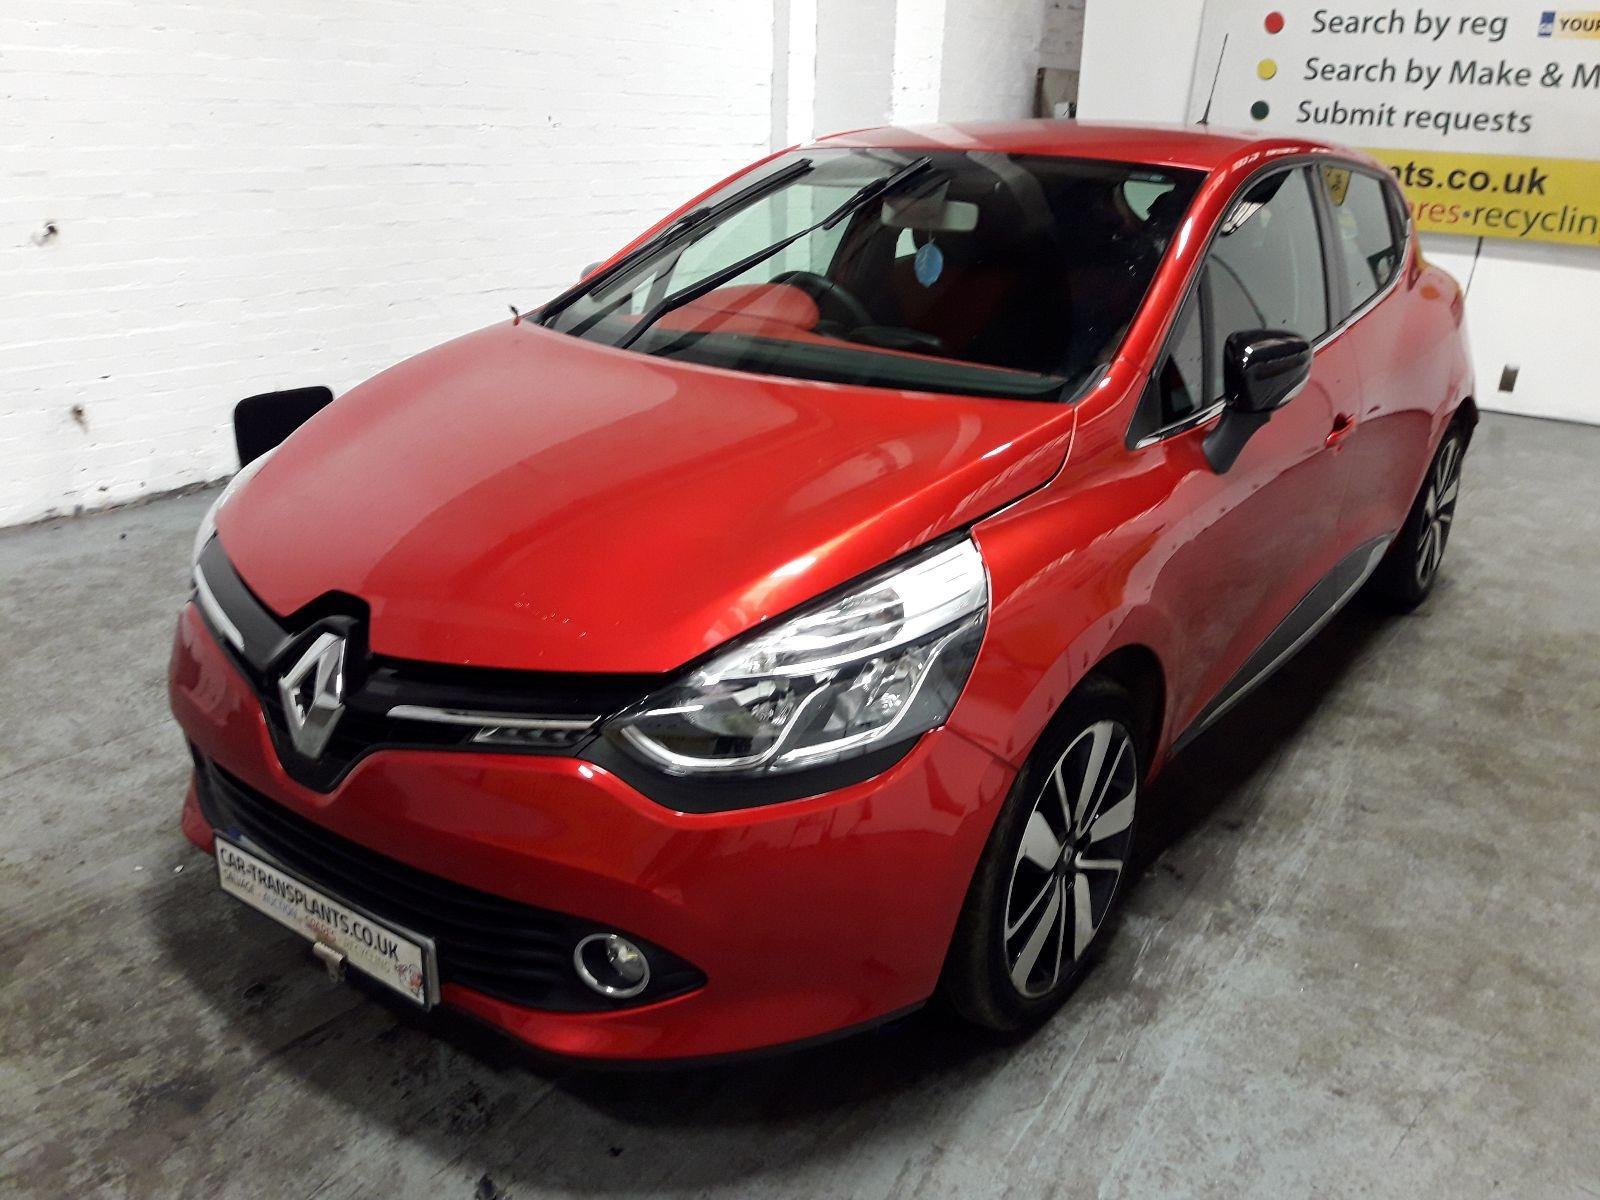 Renault Clio 5 Dr Hatch 2013 to 2016 Bonnet